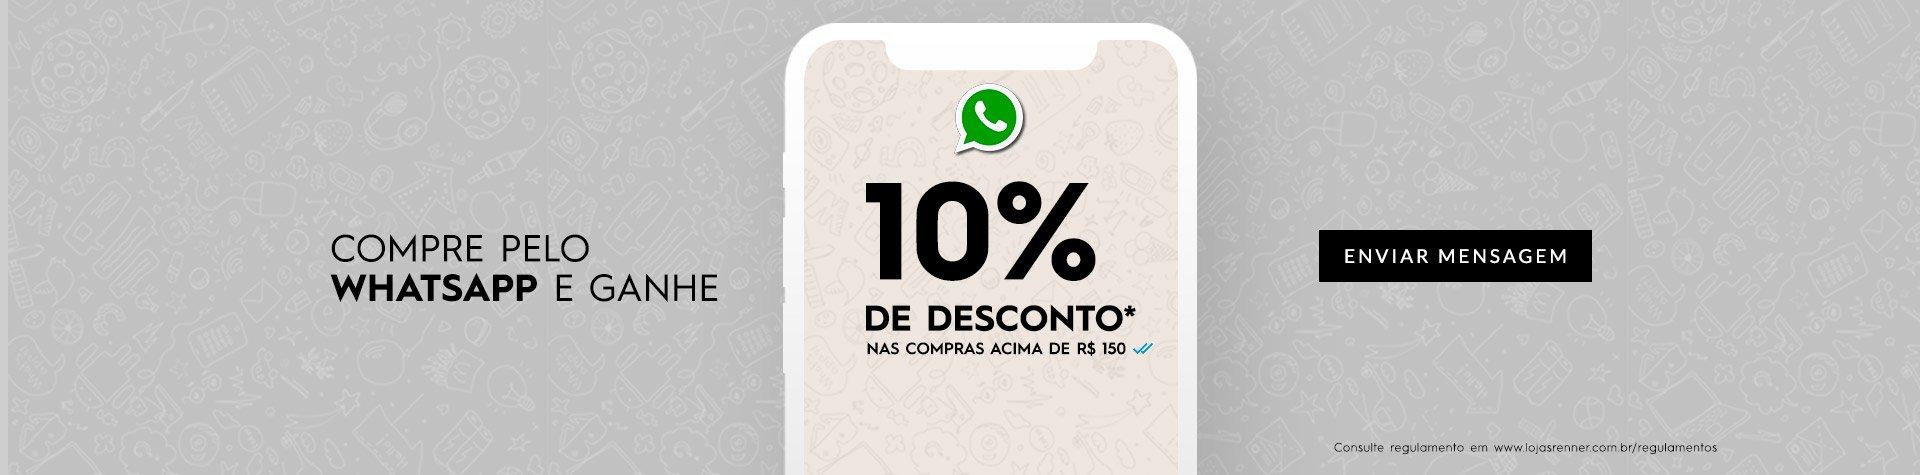 Compre pelo whatsapp e ganhe